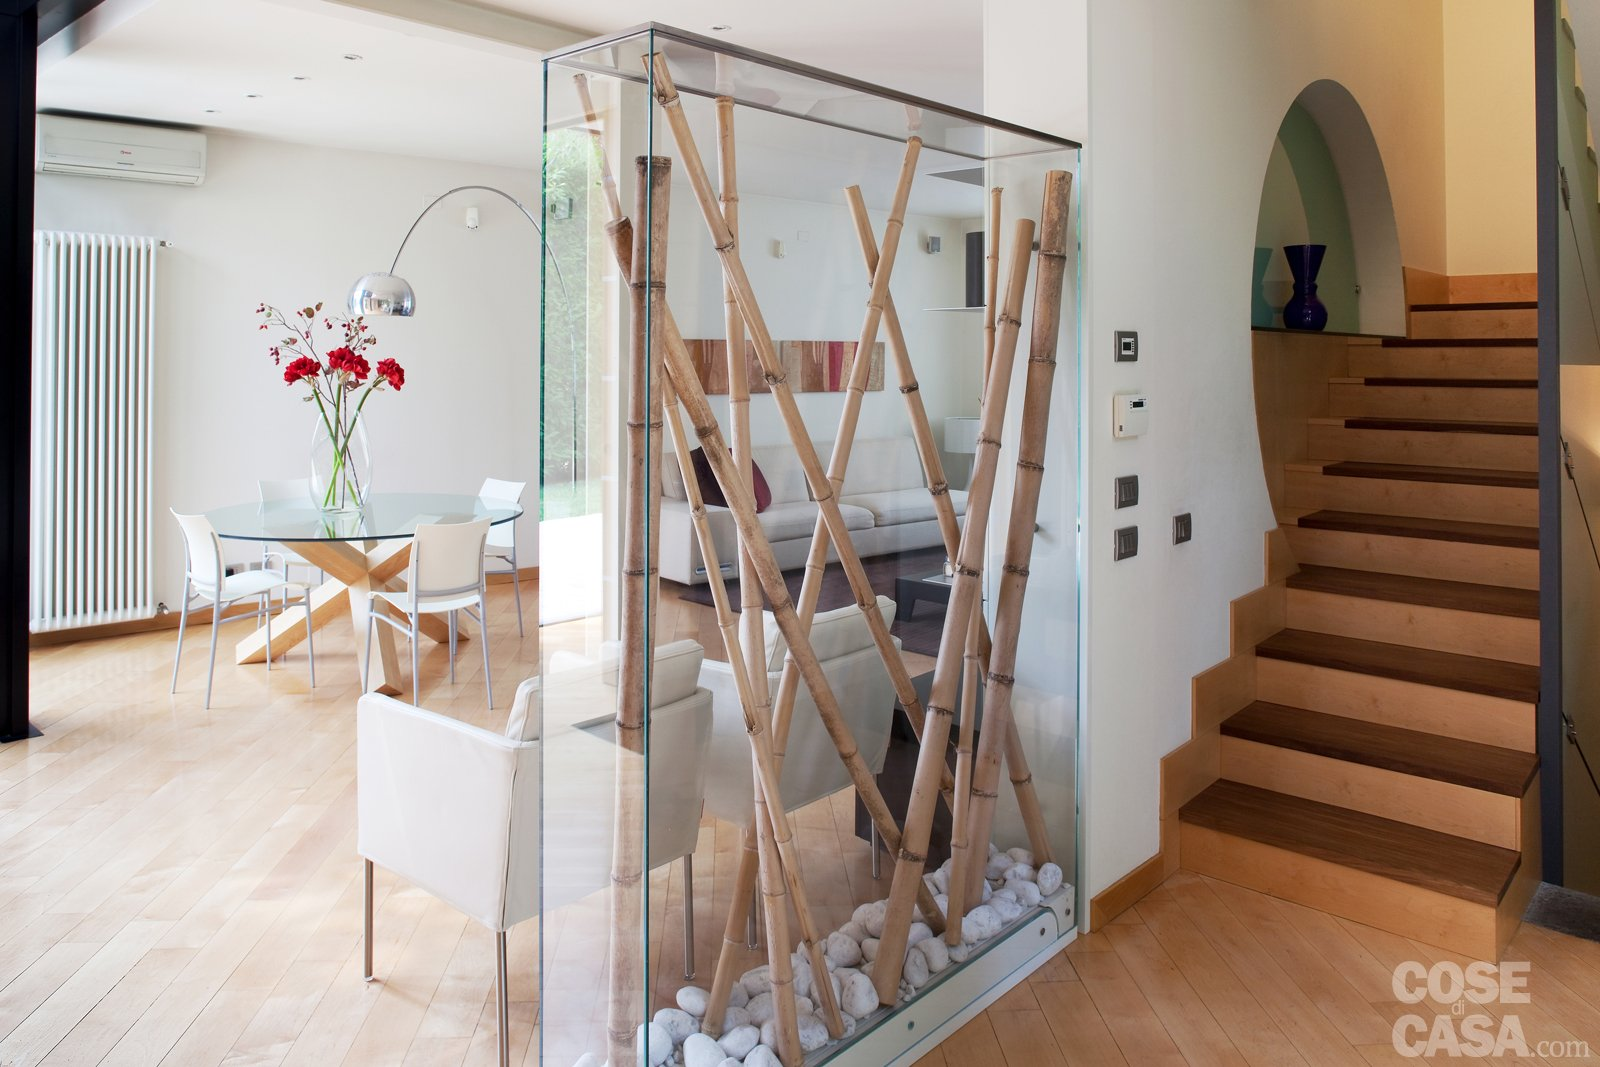 Ikea Divani Esterno : Una casa con soluzioni che moltiplicano la luce cose di